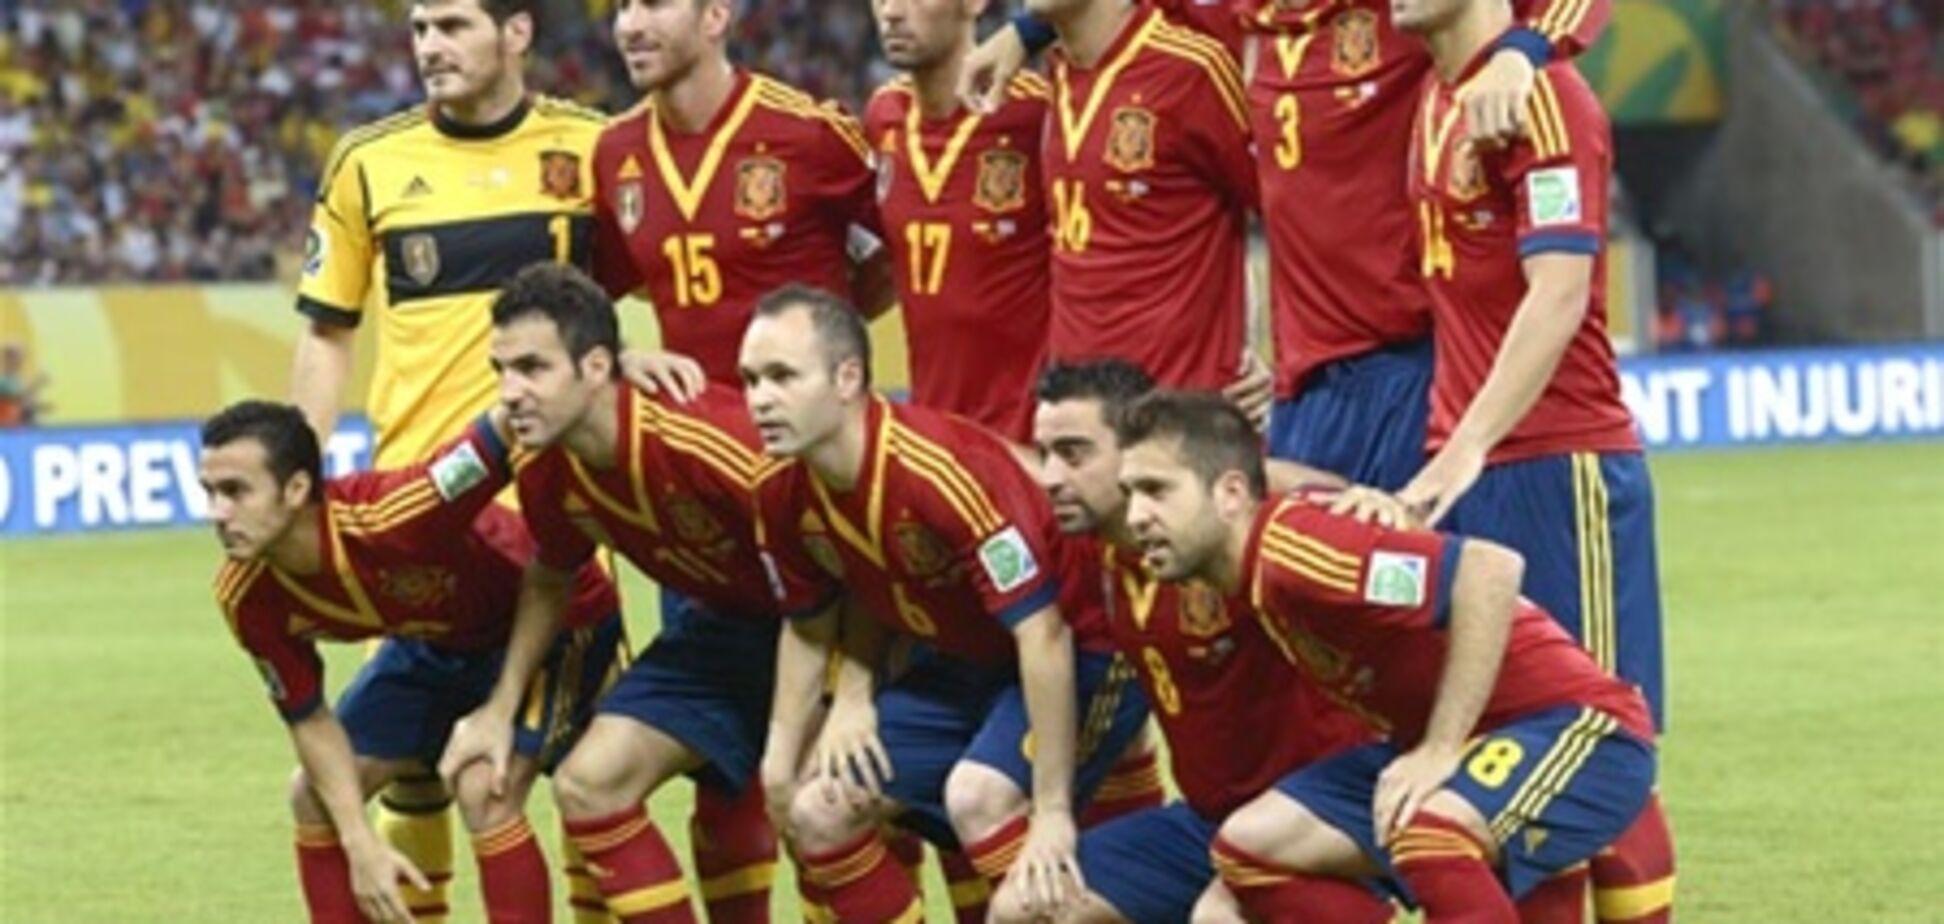 Футболисты сборной Испании устроили вечеринку с девушками и покером на раздевание